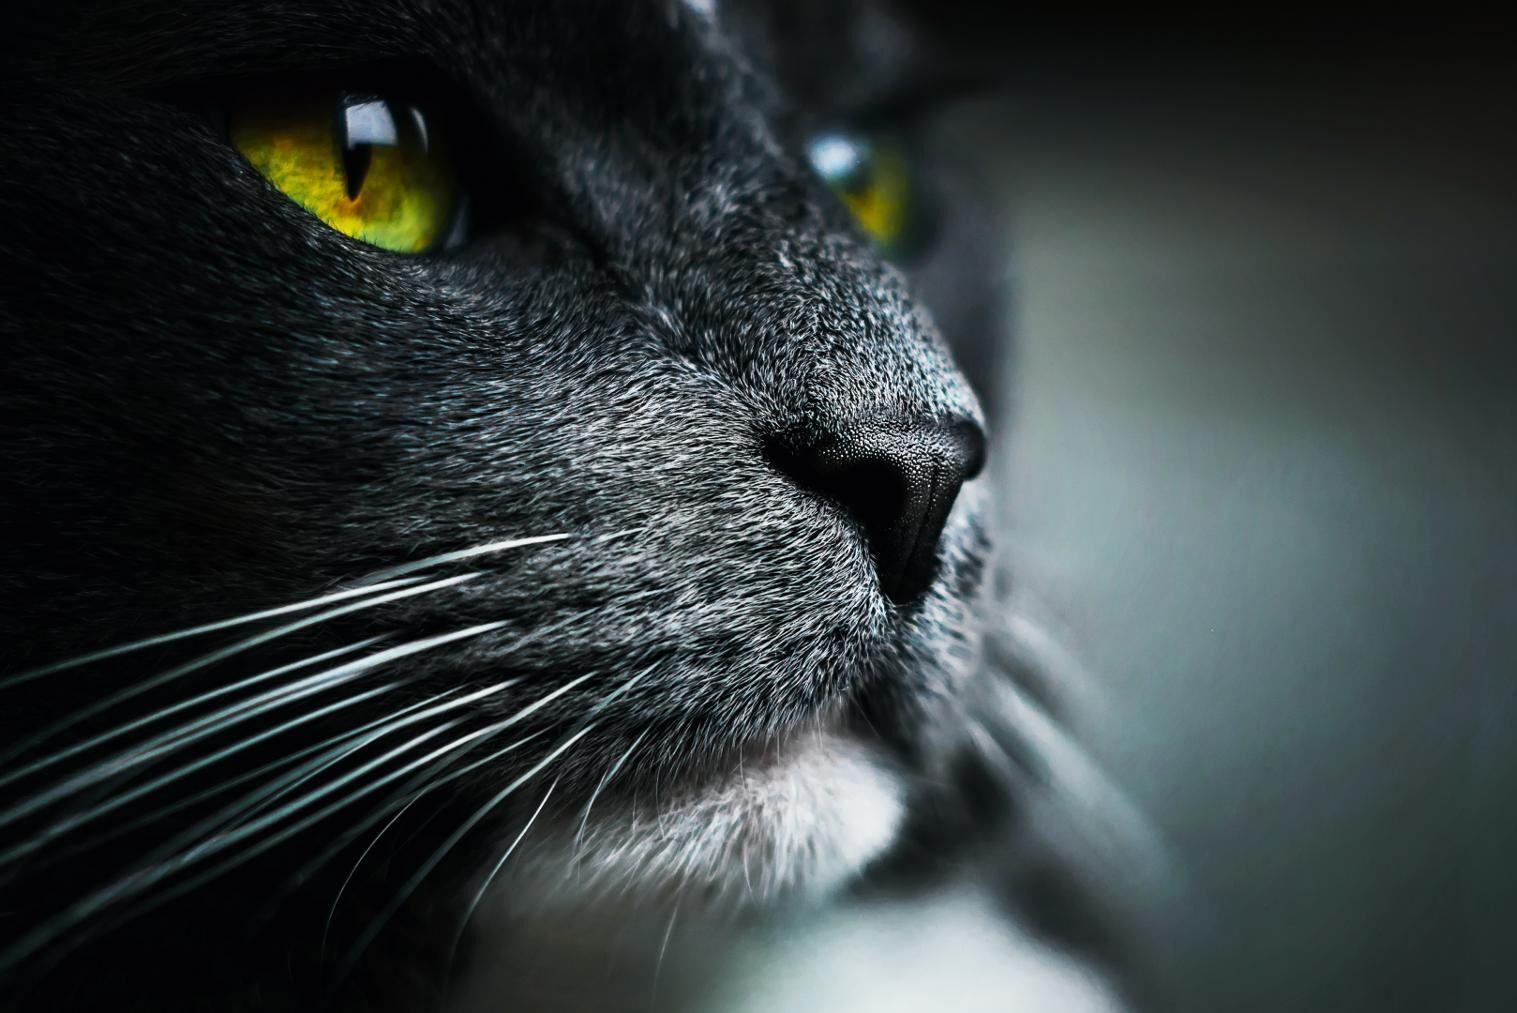 Flera katter på danska minkfarmar har avlivats. På en gård hittade man Corona i 12 av 24 katter.